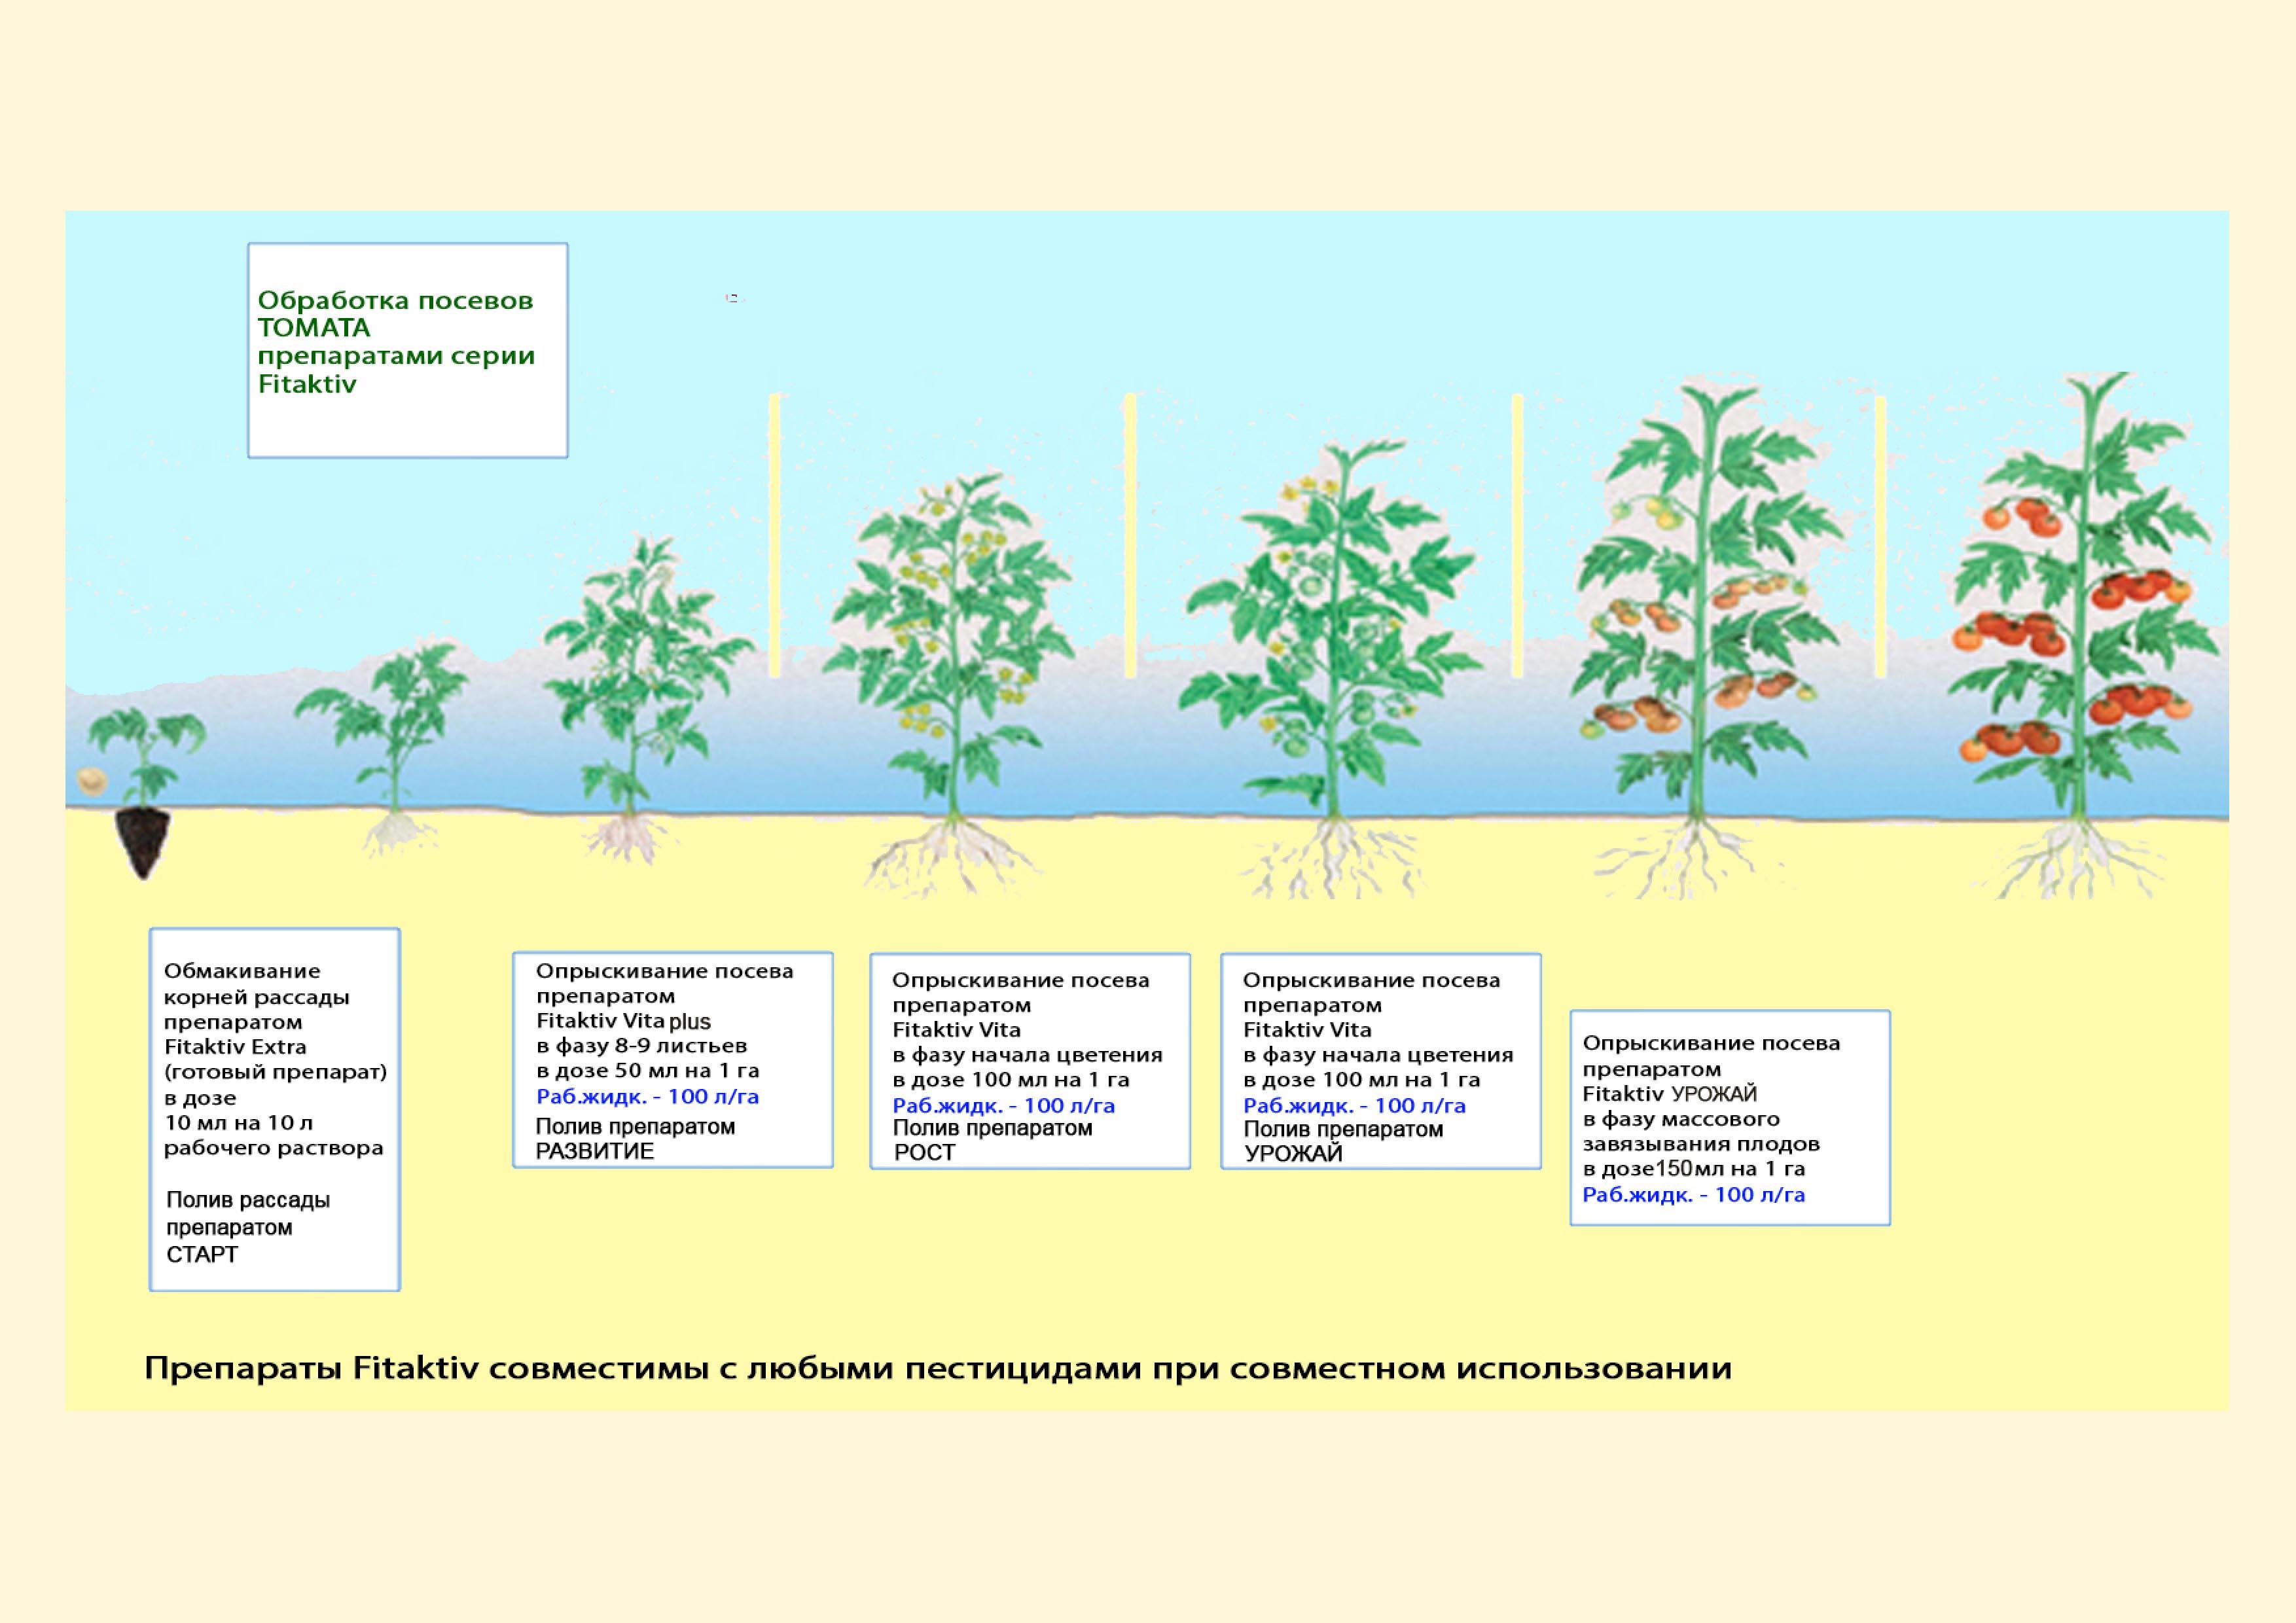 двигатель этапы выращивания помидоров в картинках семи машины район